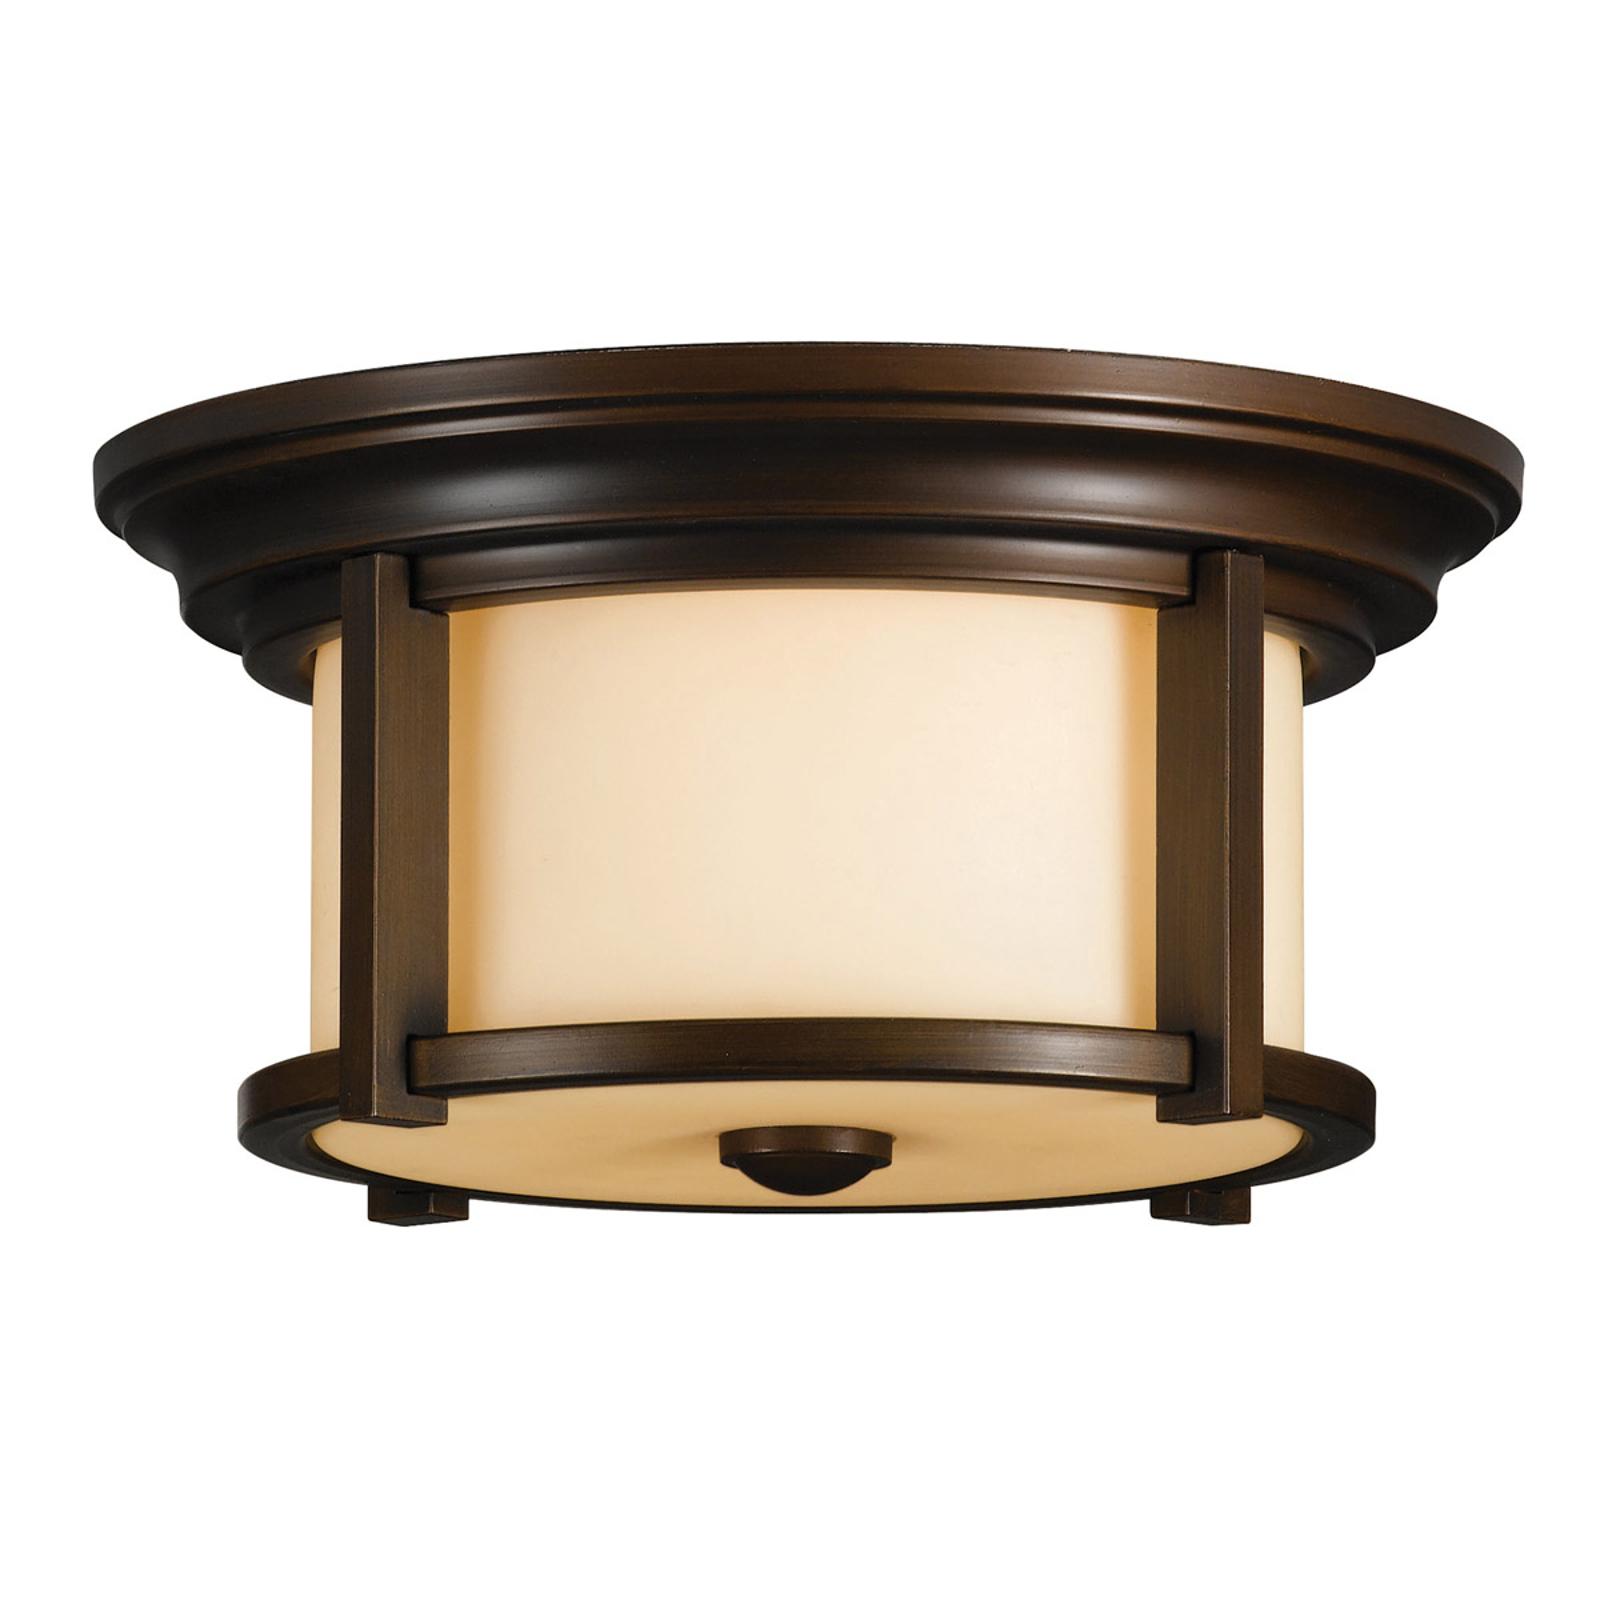 Venkovní stropní světlo Merrill v bronzové barvě